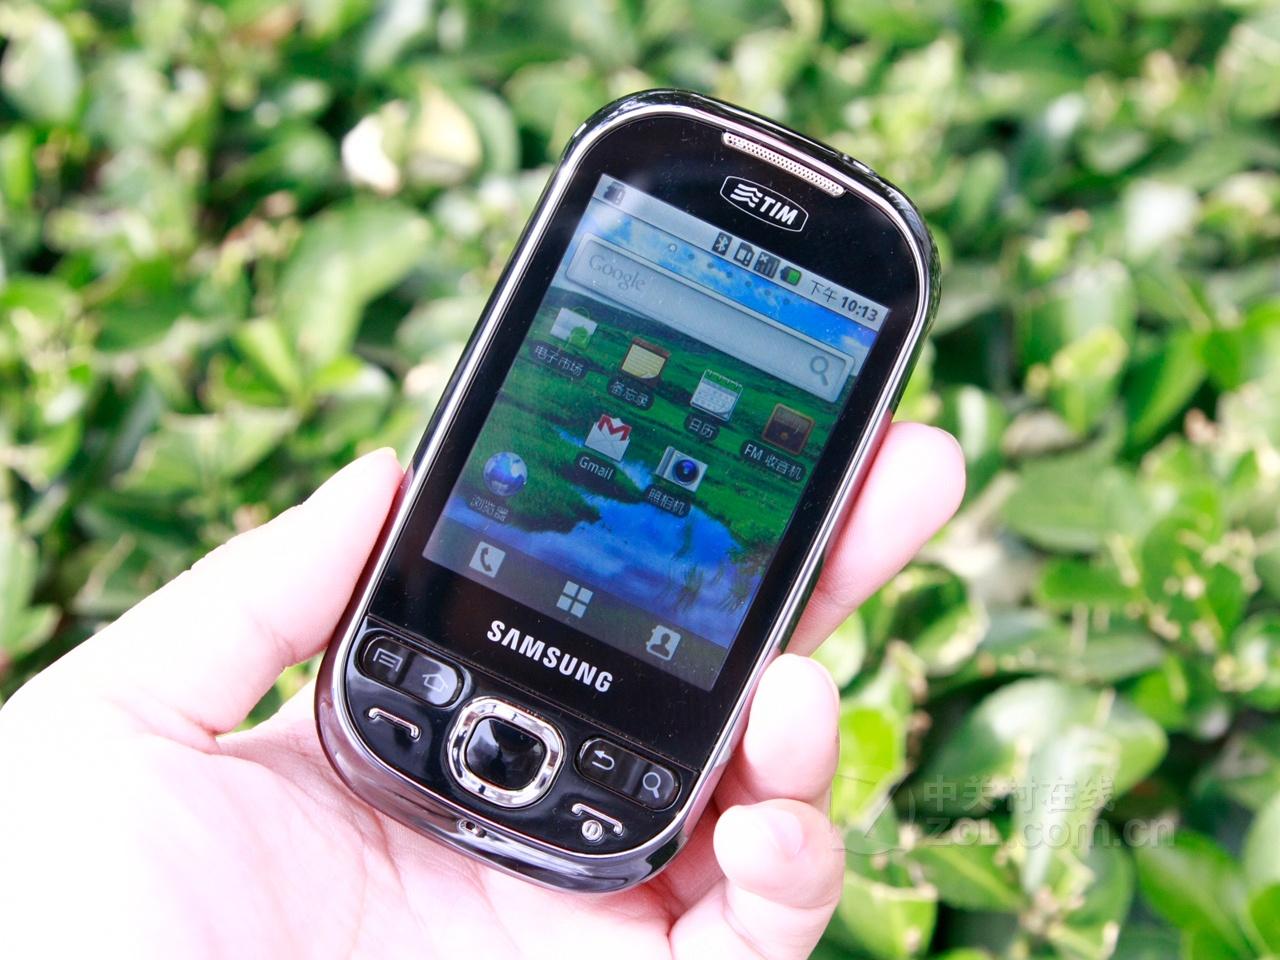 [1]     定位于入门级智能手机的三星i5500仅采用了一块2.